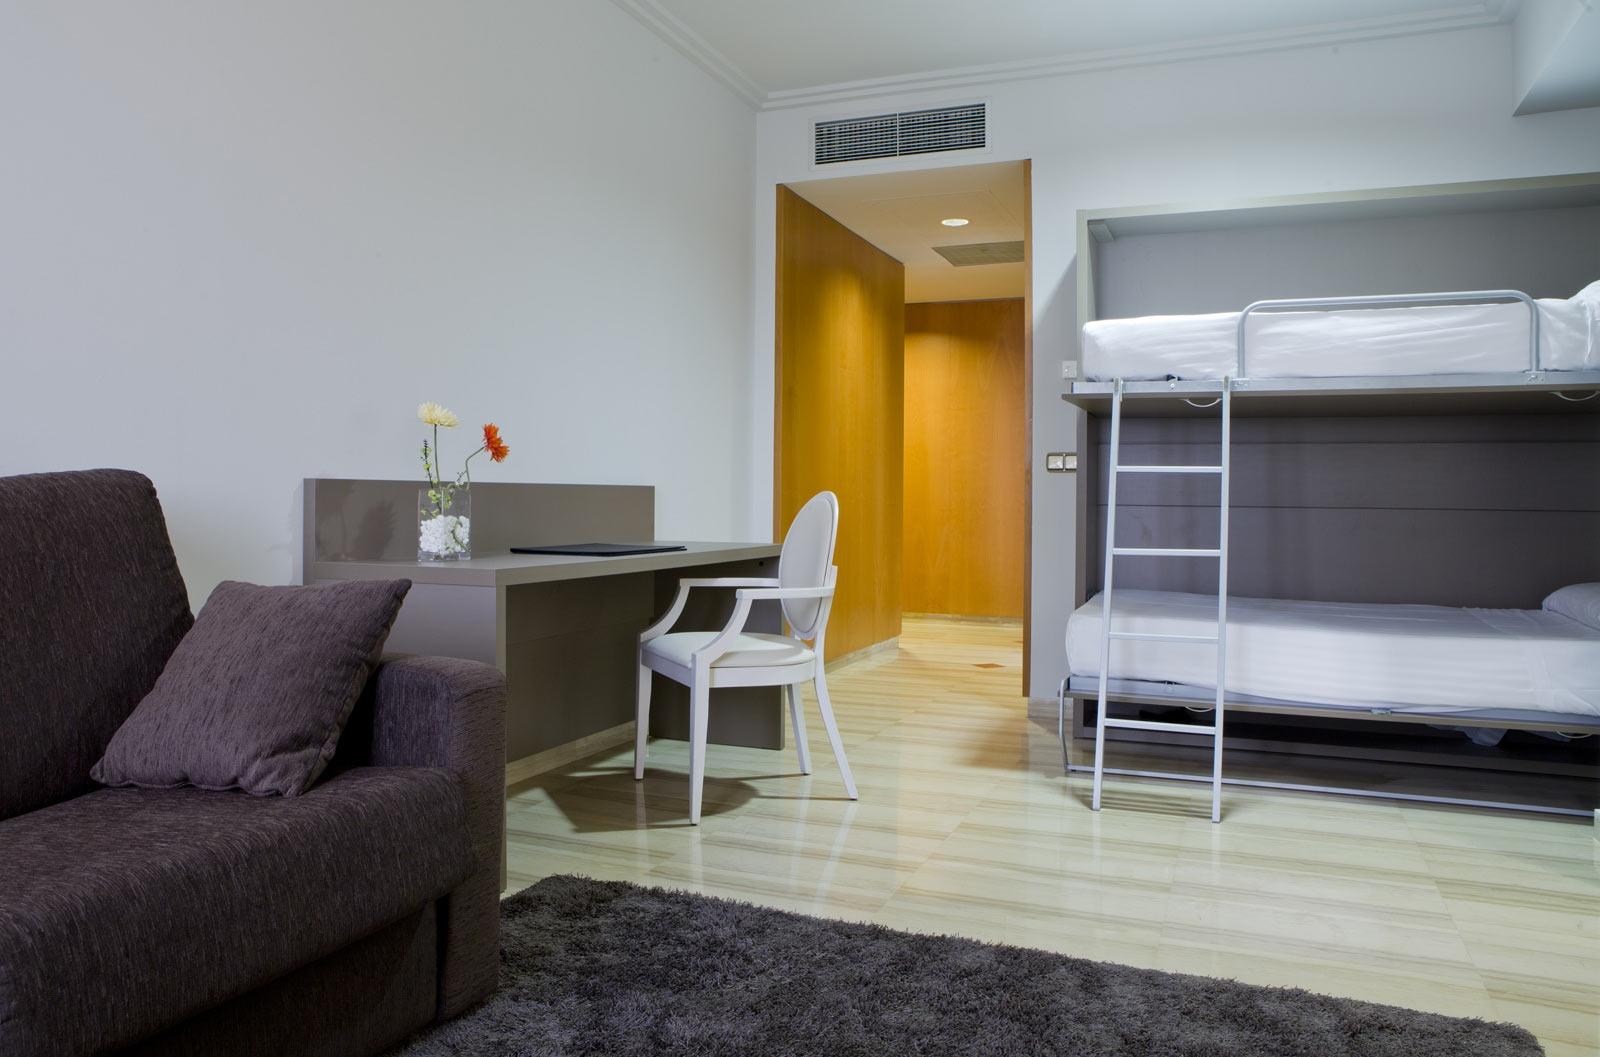 Hotel SB ciutat de tarragona | Family Room